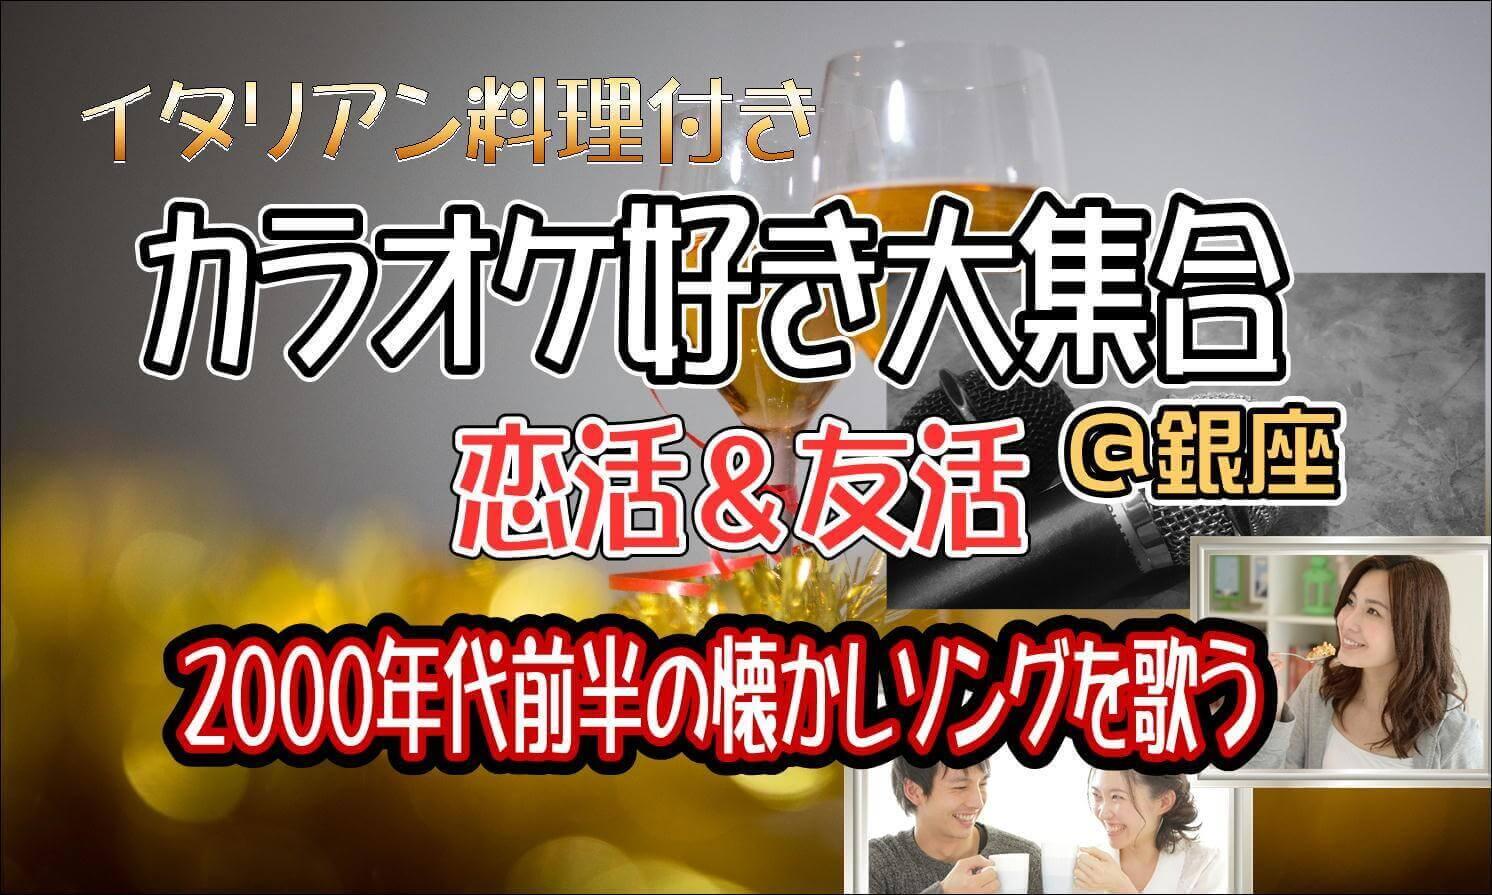 【銀座のプチ街コン】エスクロ・ジャパン株式会社主催 2016年11月25日